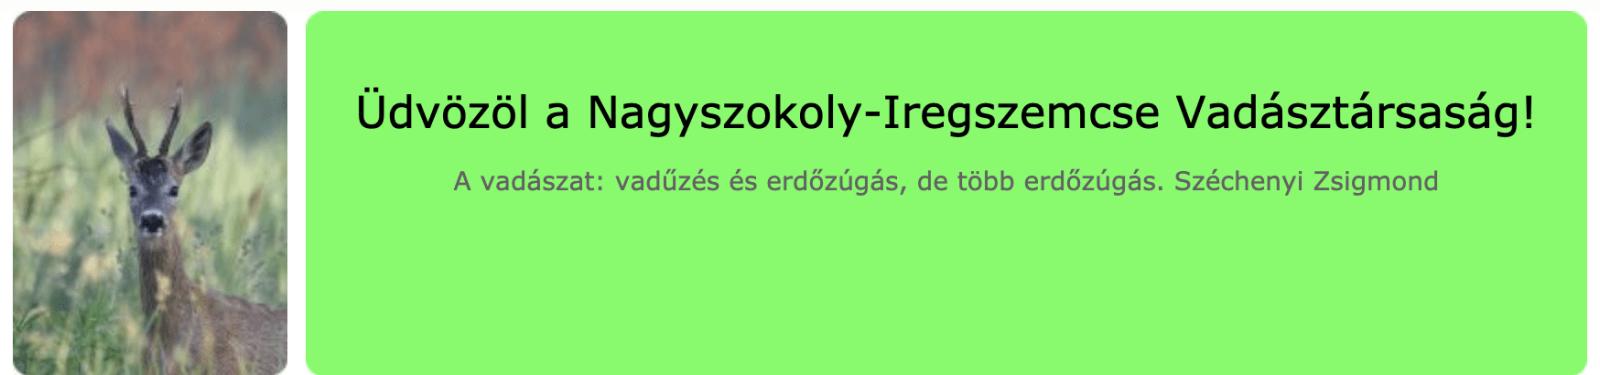 Nagyszokoly-Iregszemcse Hunting Co. - Hungary, Somogy county